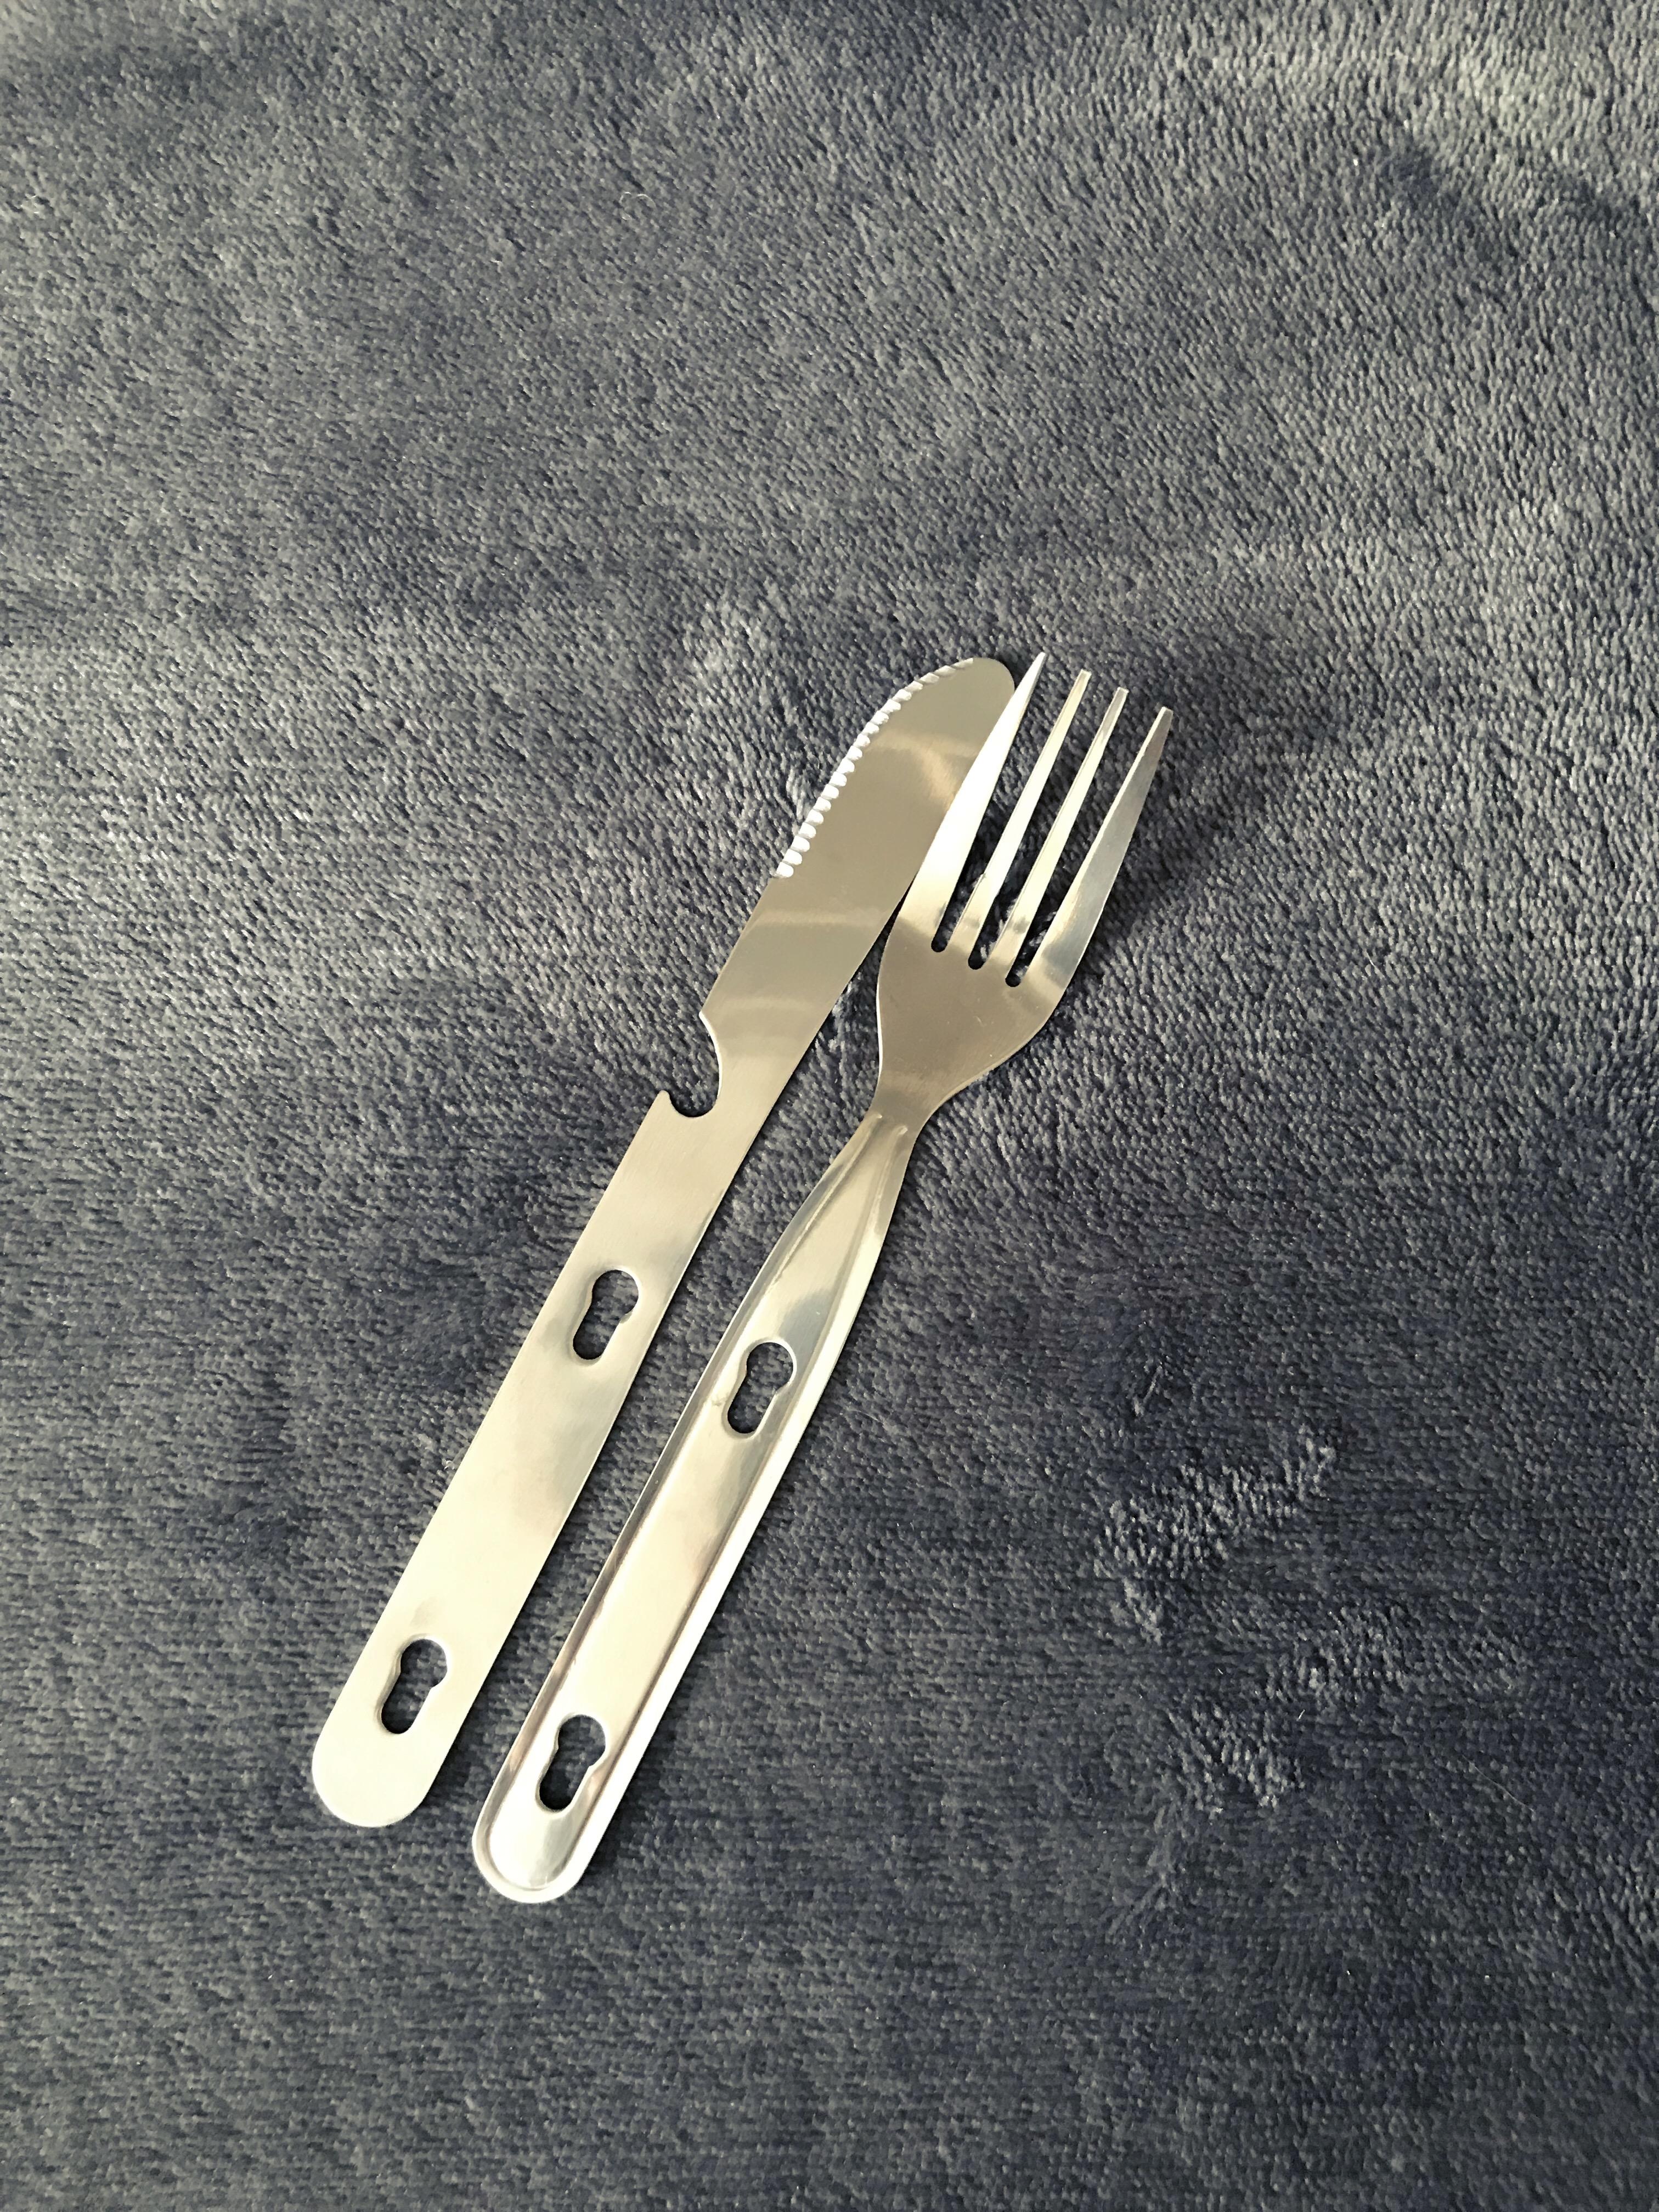 Metal cutlery.